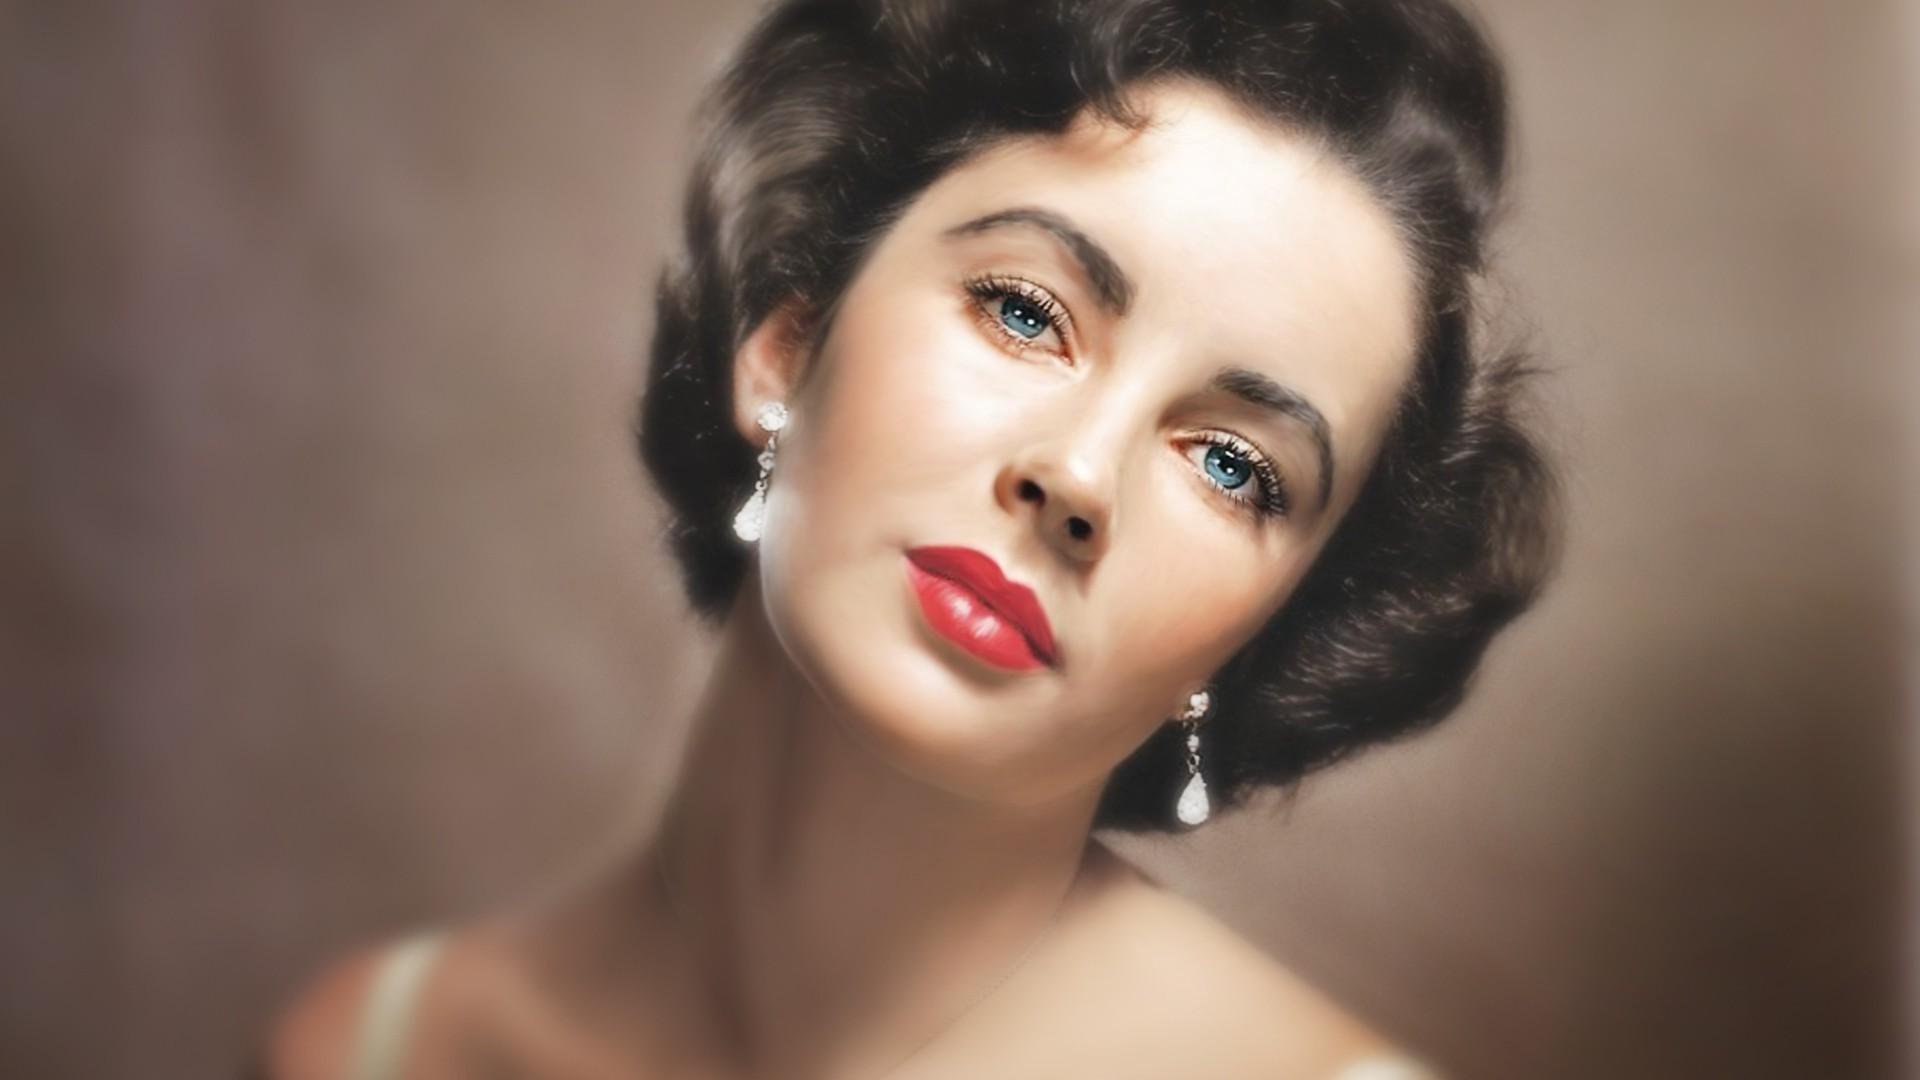 6-те најубави бринети на сите времиња: Жени кои никогаш нема да бидат заборавени!